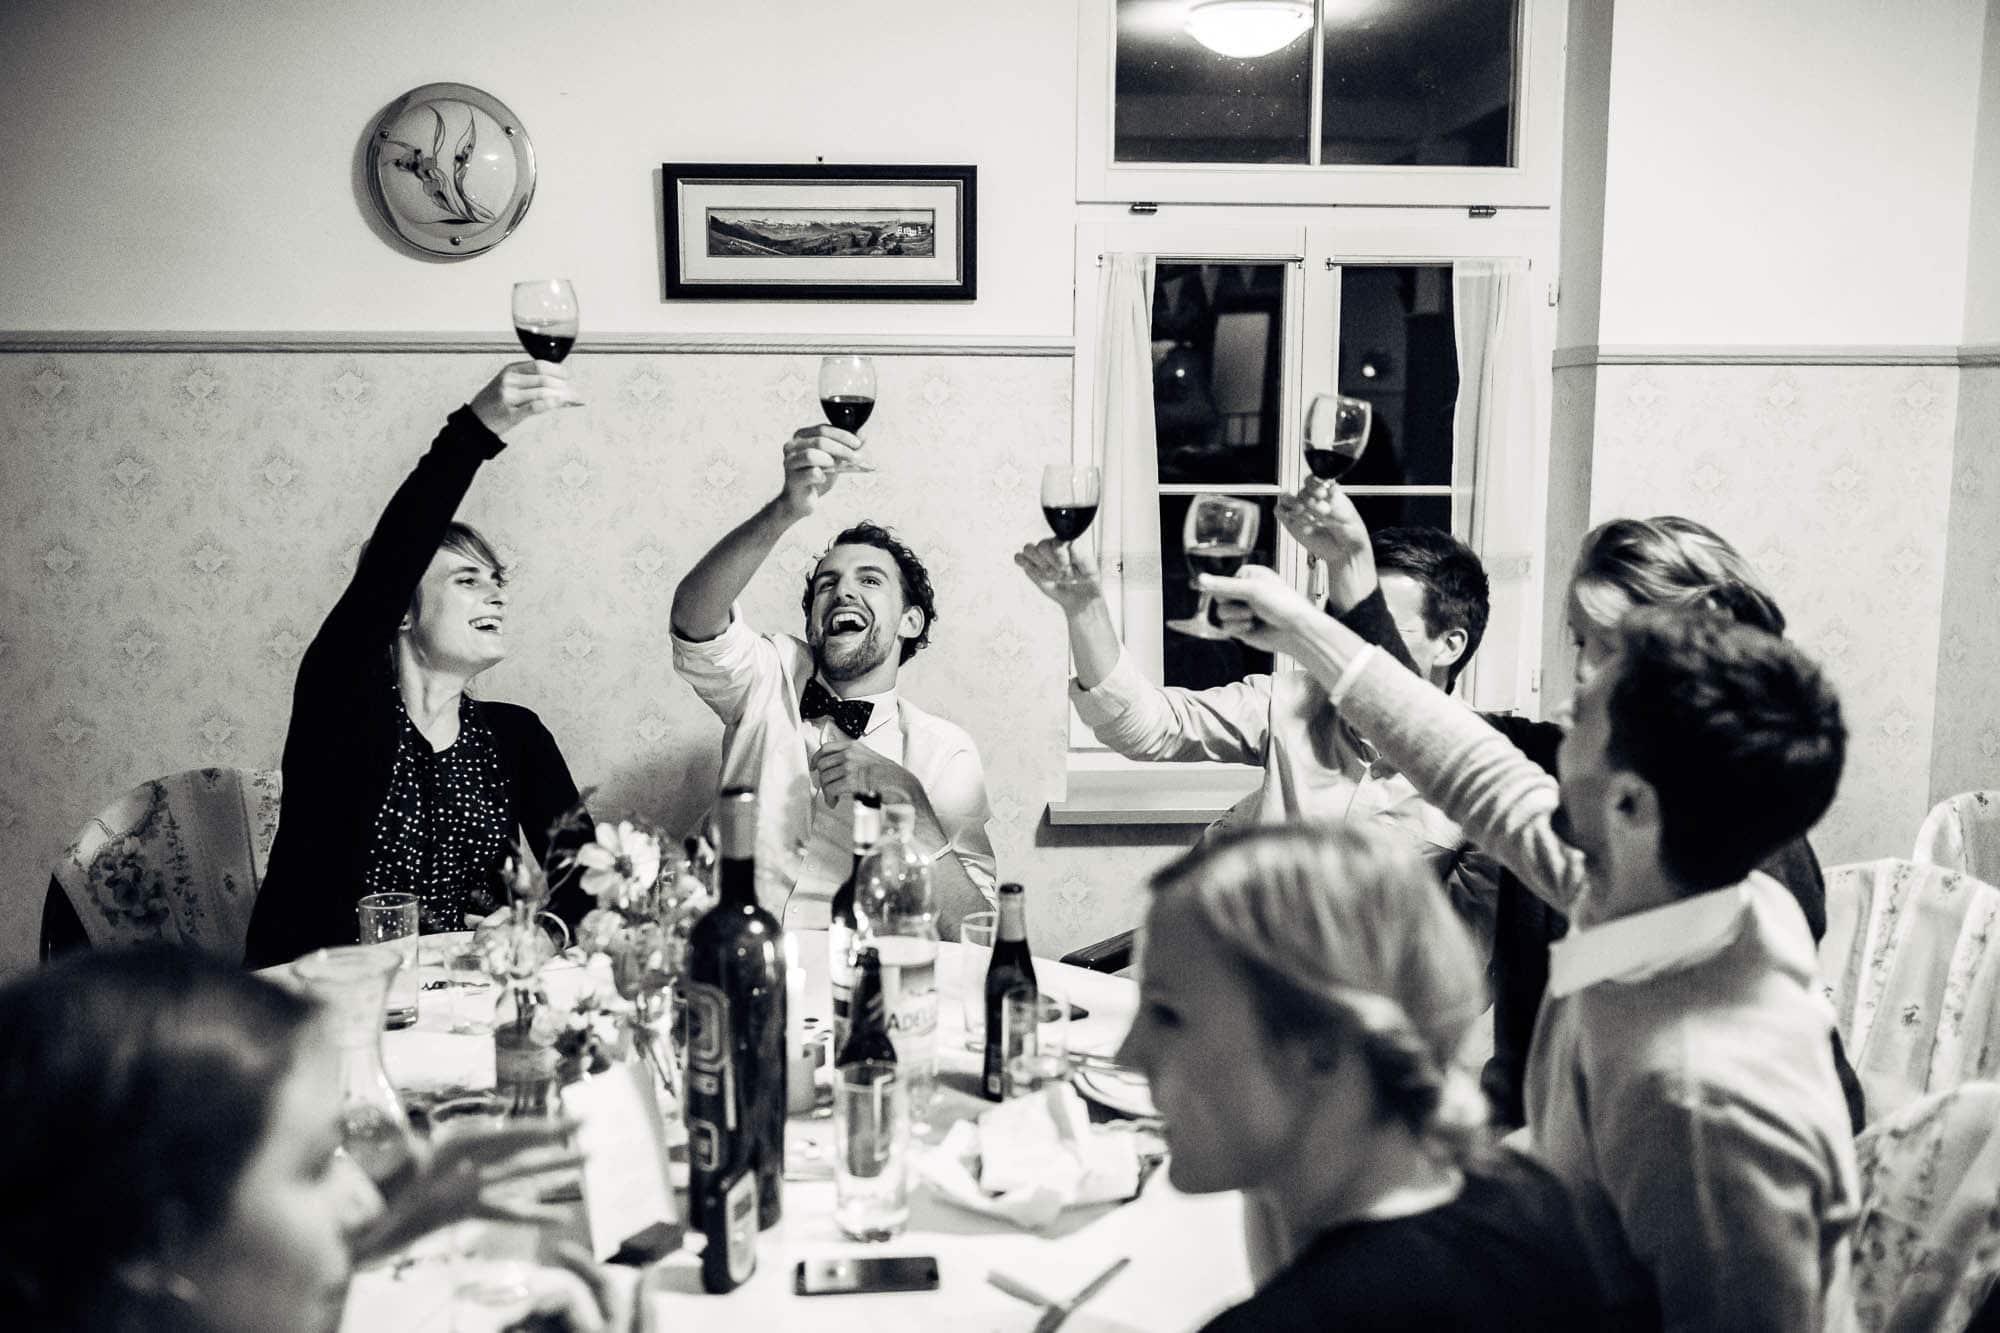 Hochzeitsgäste stossen an und lachen